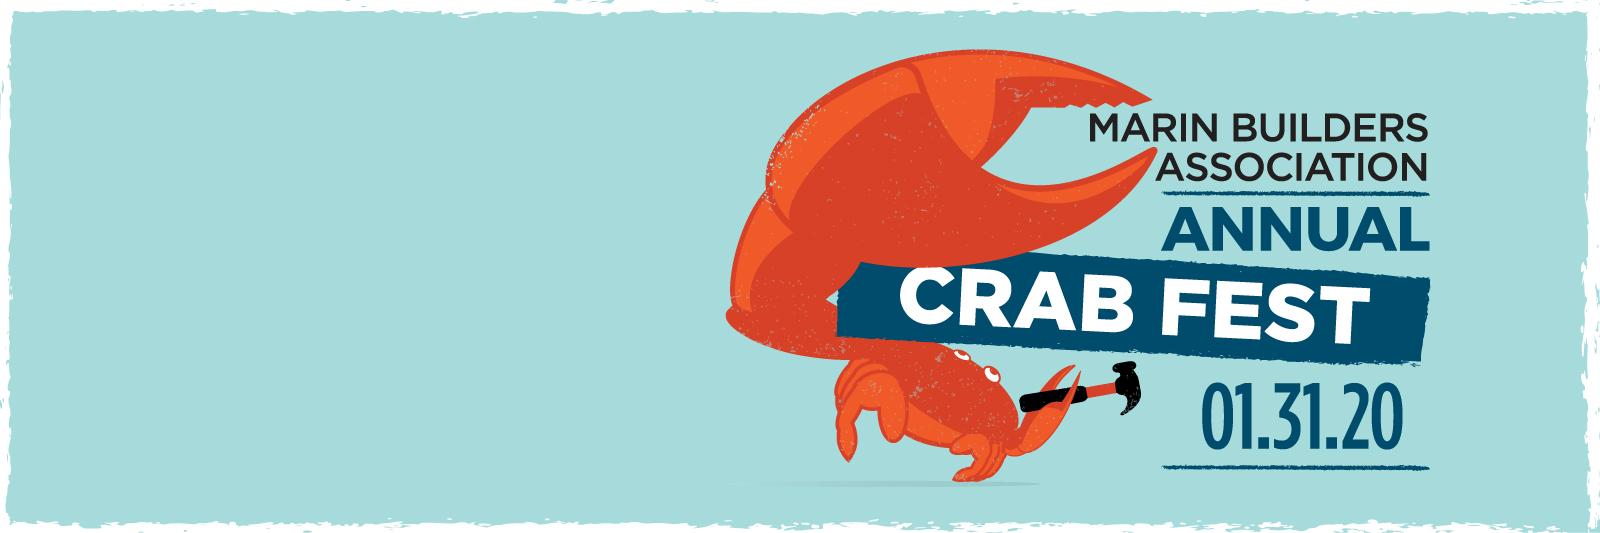 Marin-Builders-Home-Page-Sliders-Crab-Fest-2020.jpg